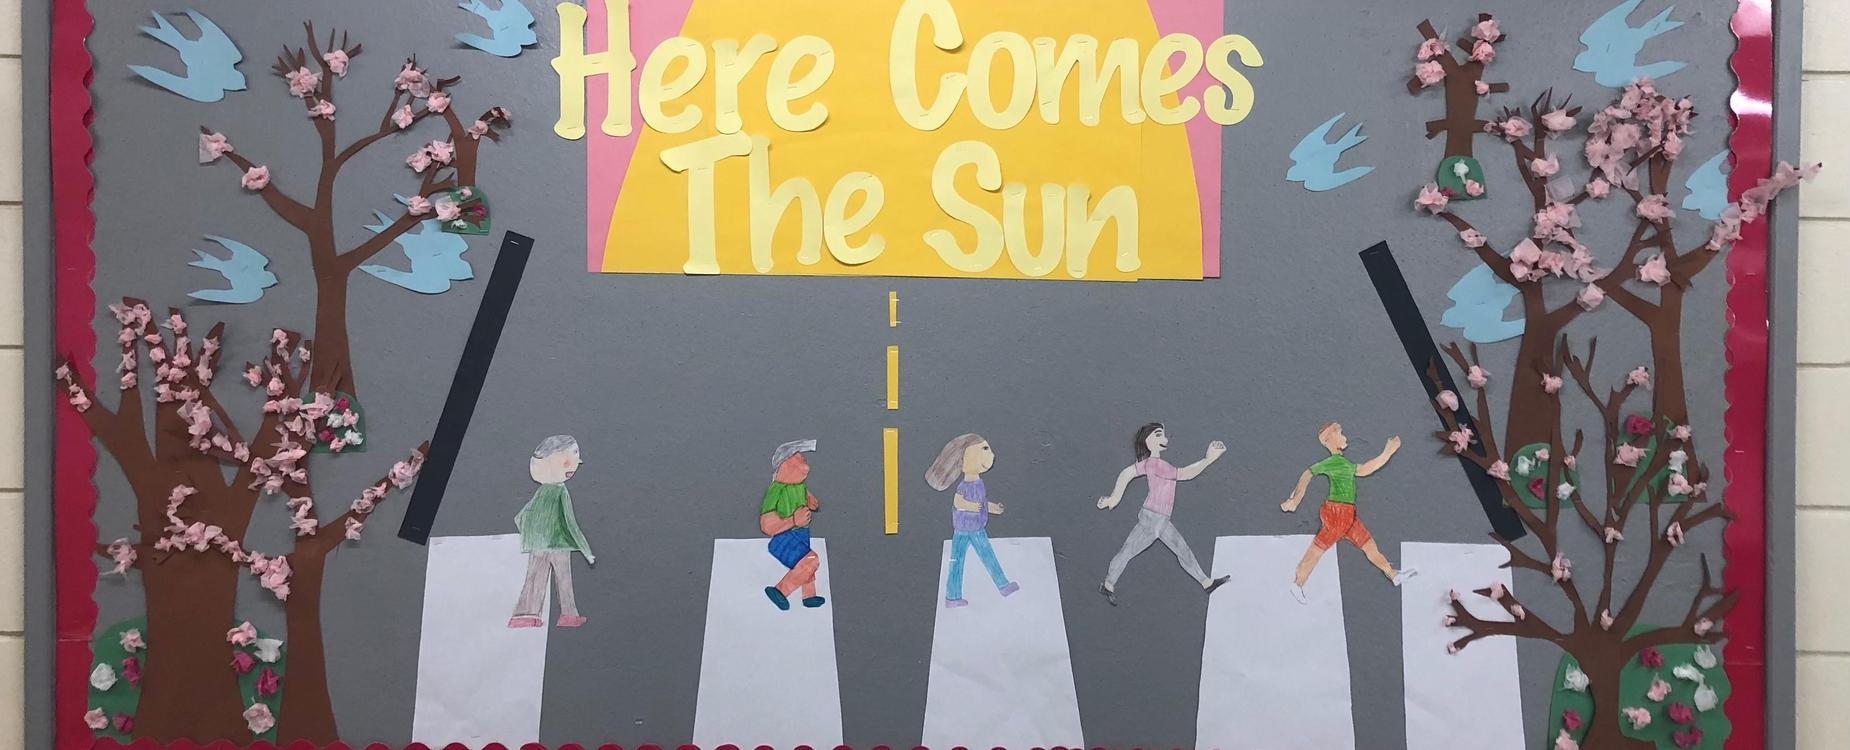 Here comes the Sun Bulletin Board